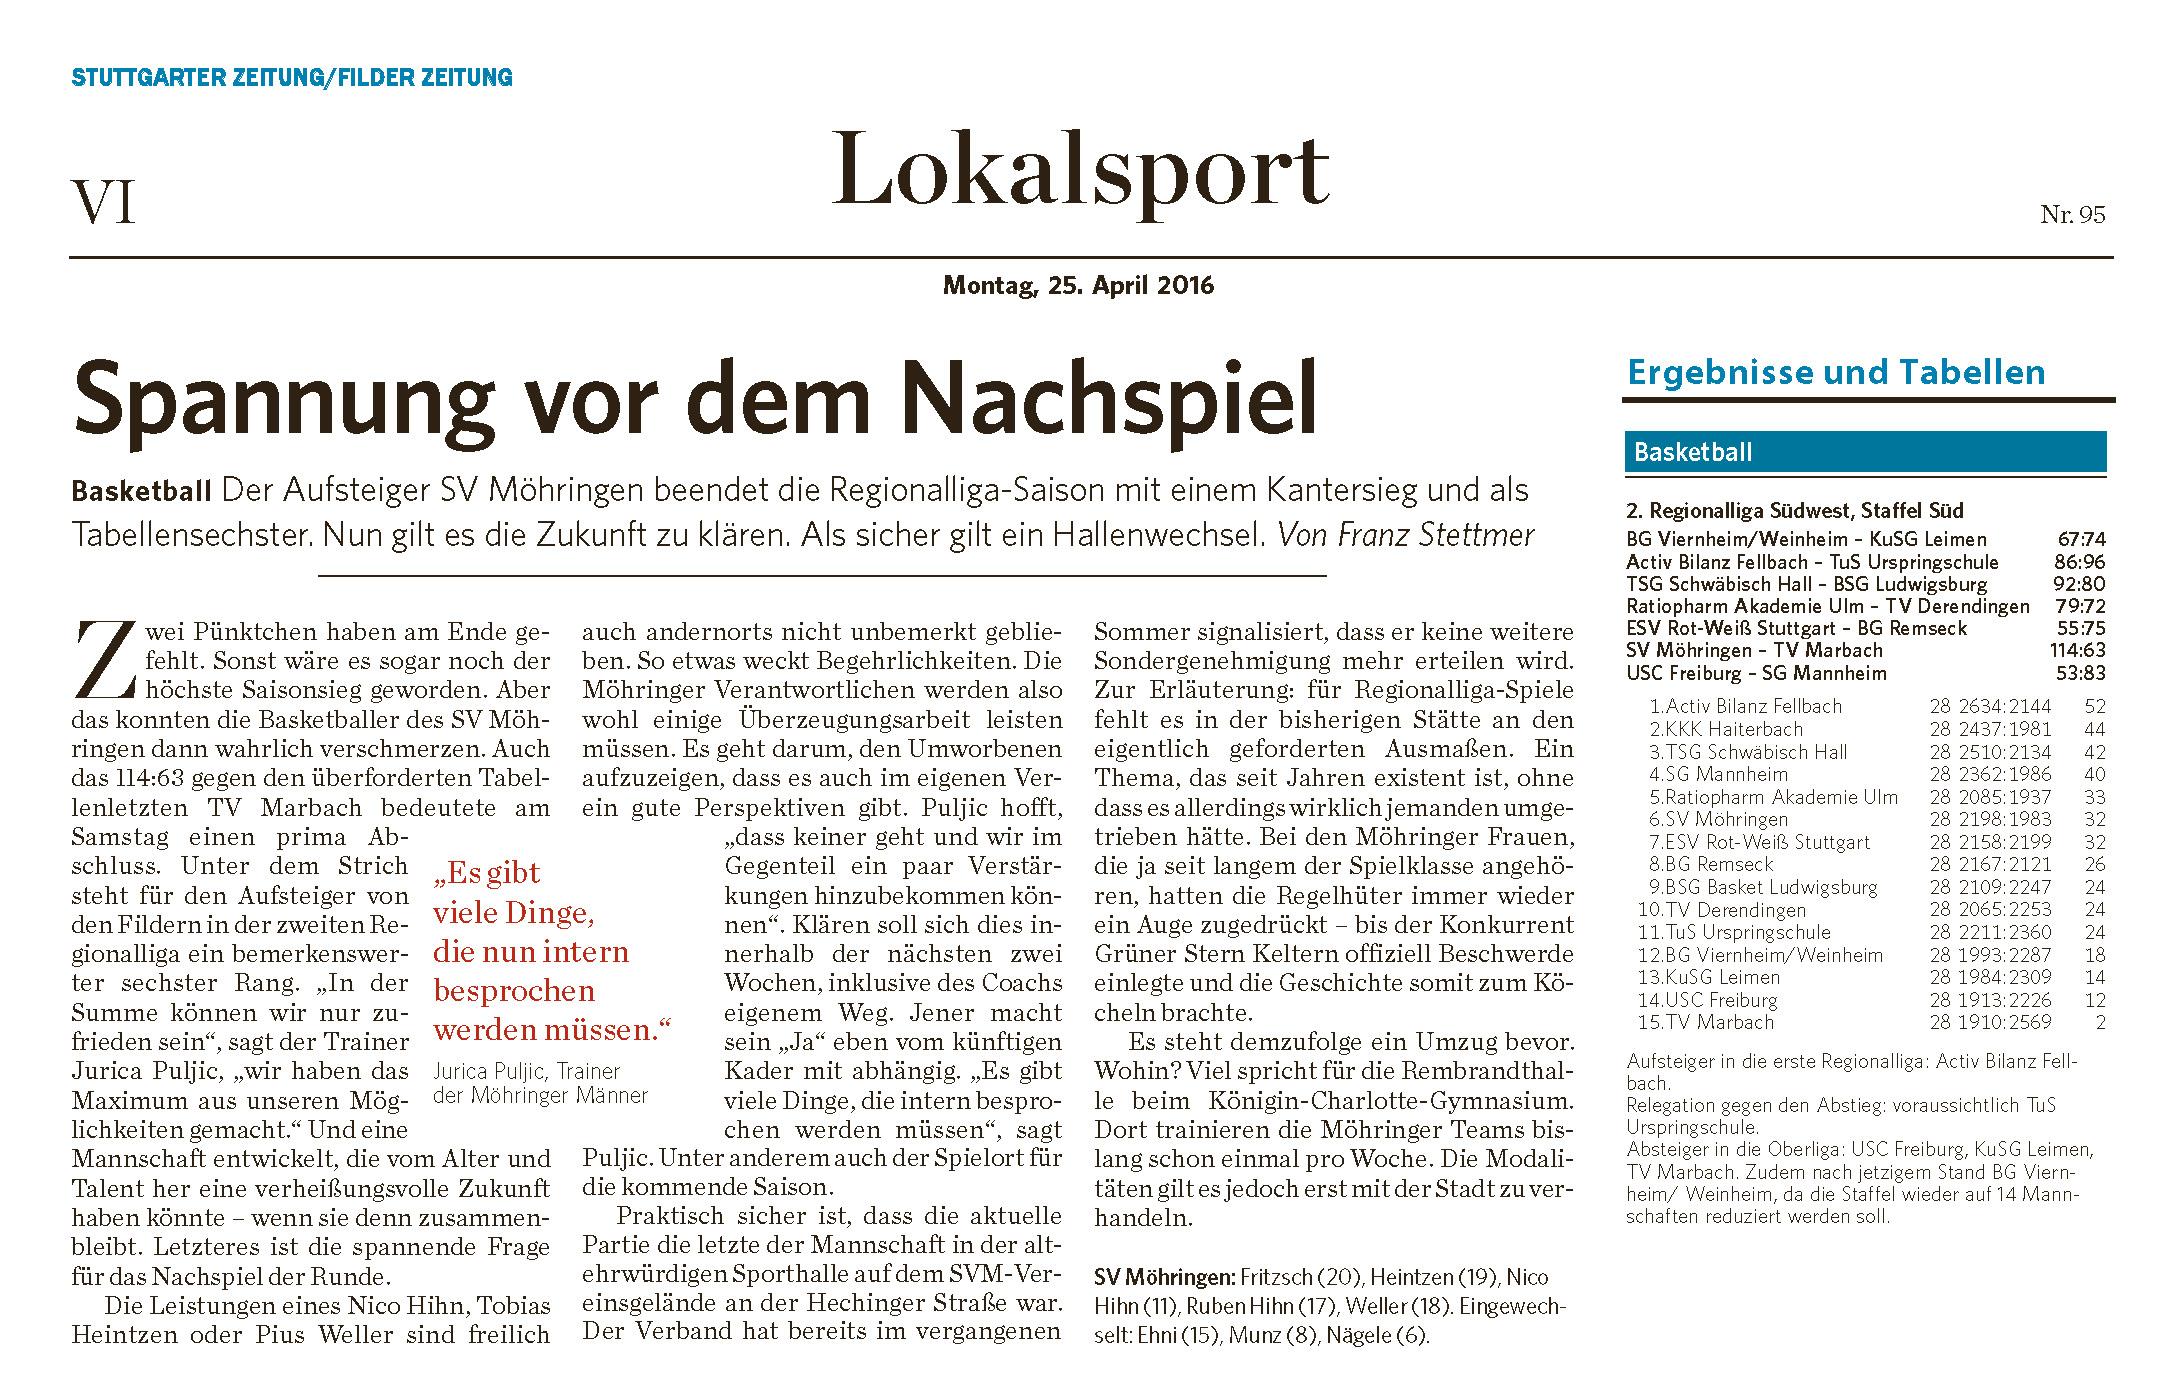 Schön Horizontale Und Vertikale Asymptoten Arbeitsblatt Galerie ...